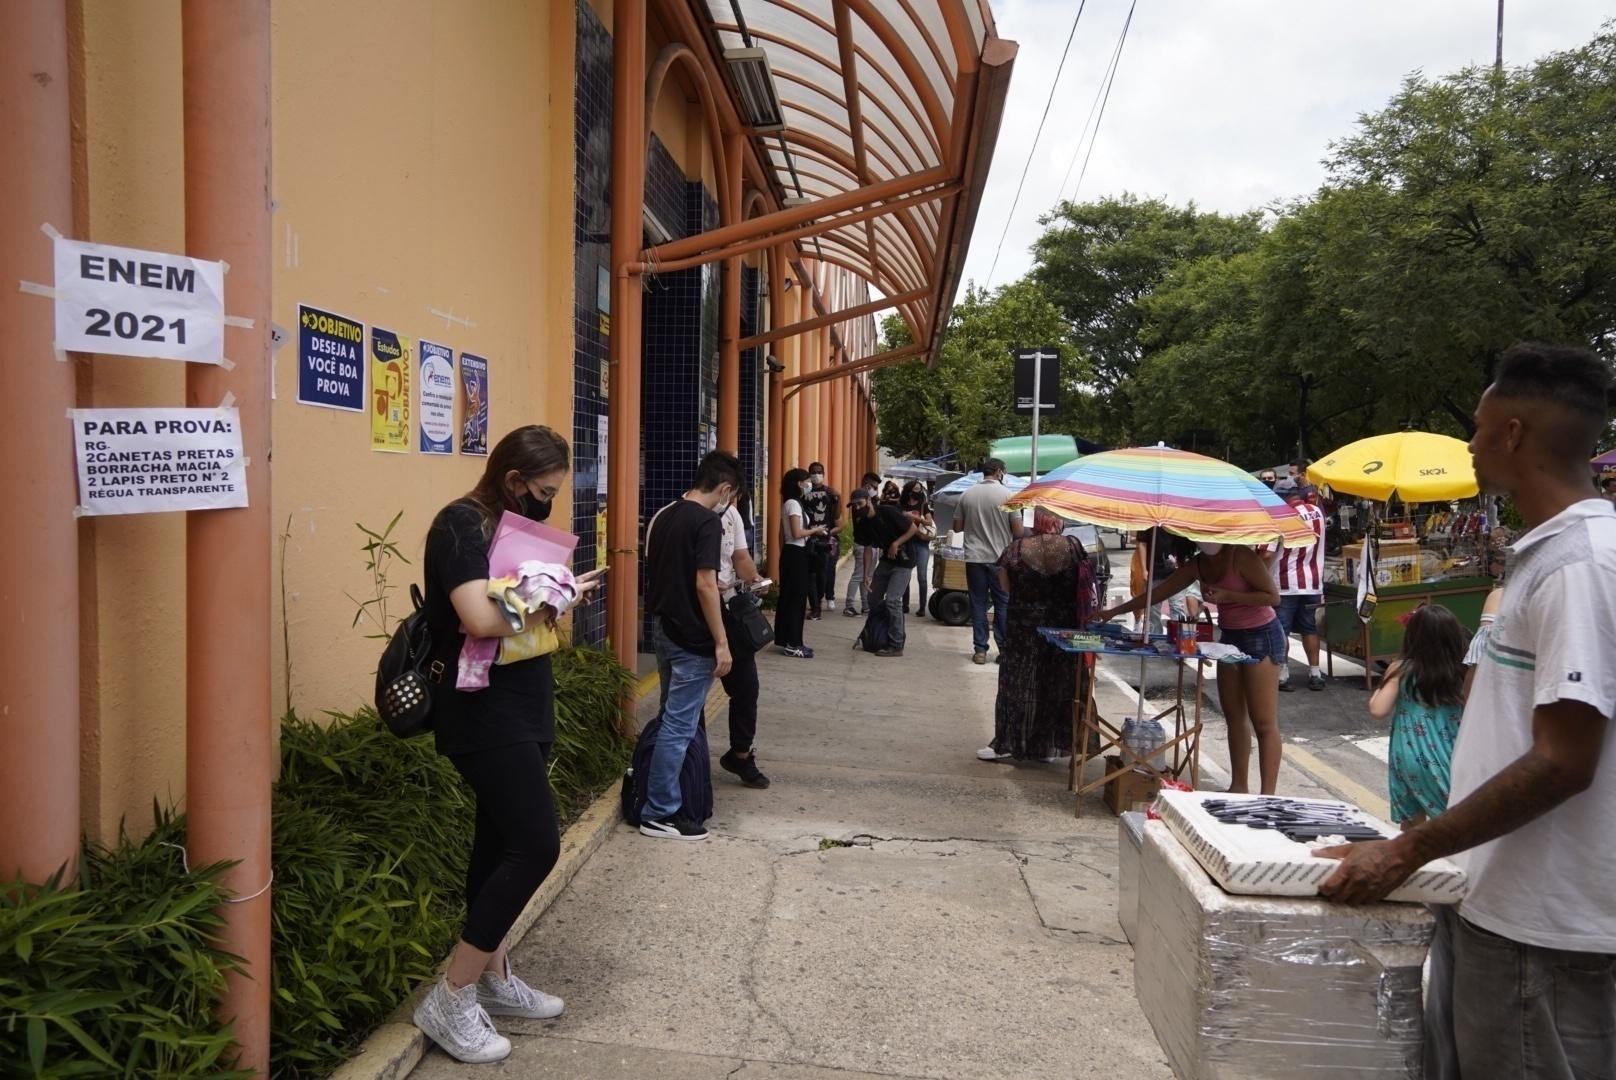 Alunos chegam para fazer o 1º dia do Enem impresso em faculdade da zona oeste de São Paulo - André Porto/UOL